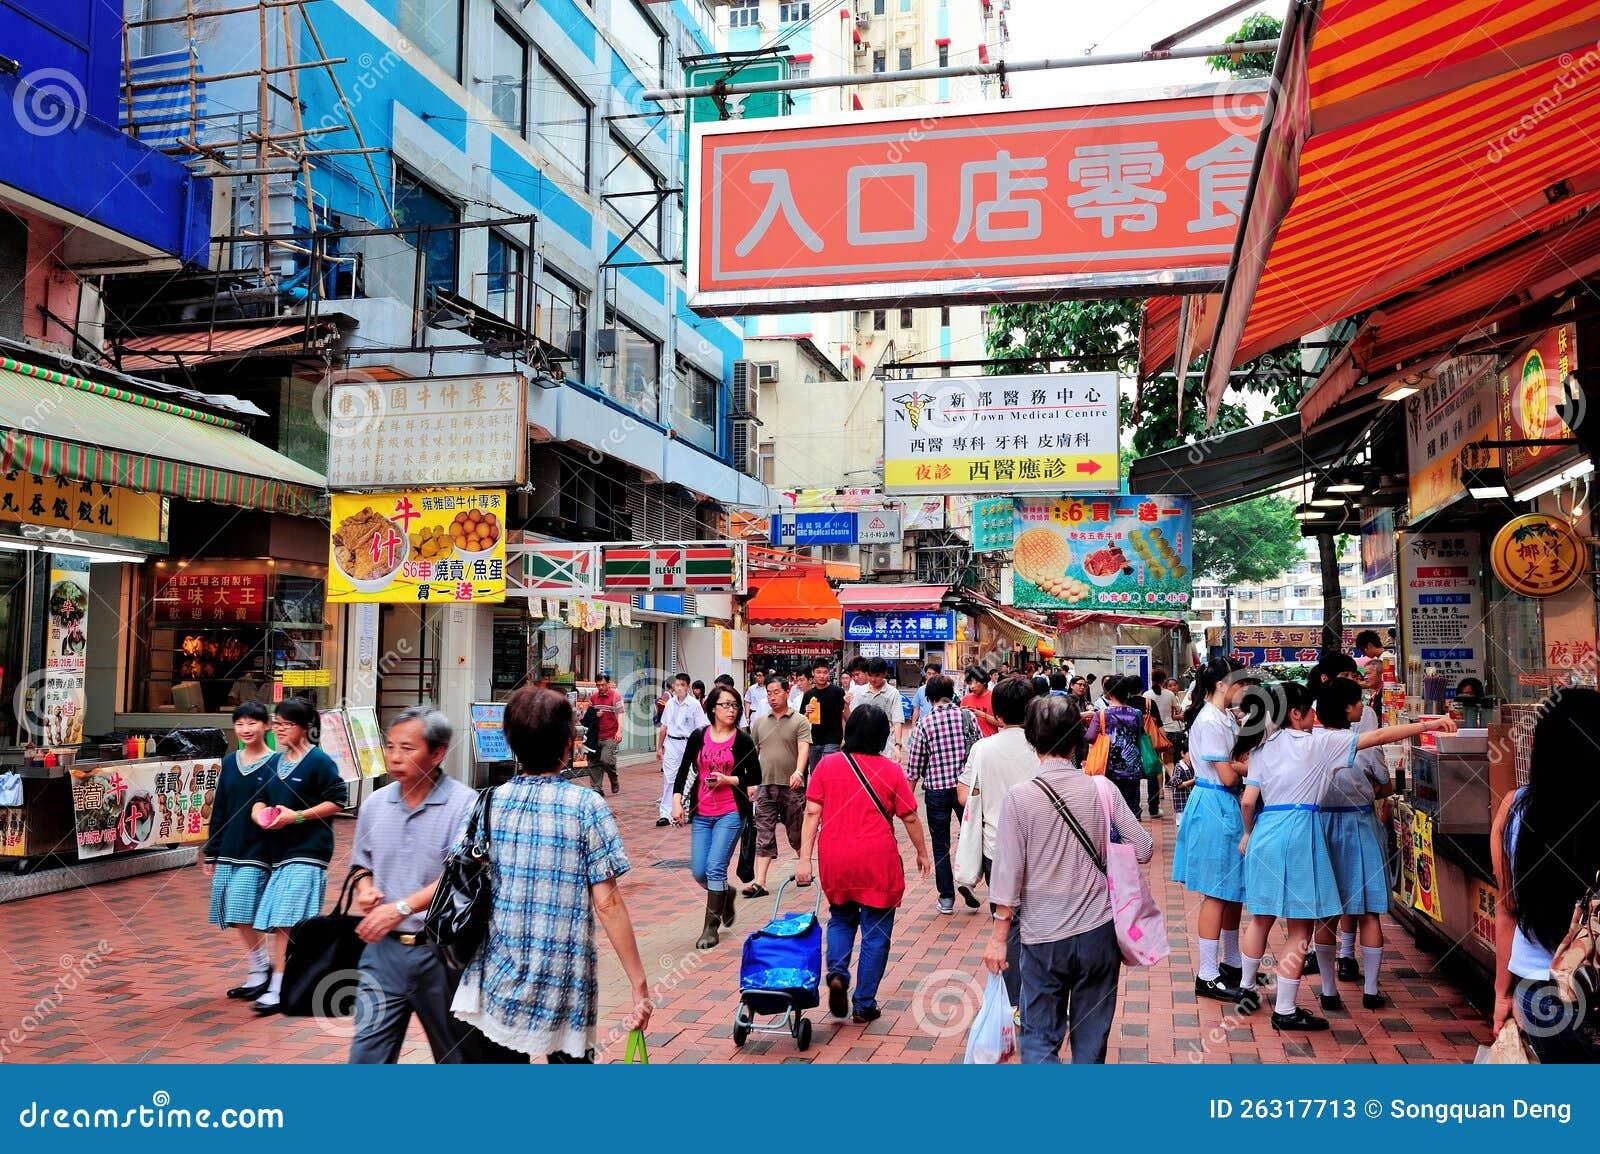 Hong Kong Street View Editorial Stock Photo - Image: 26317713